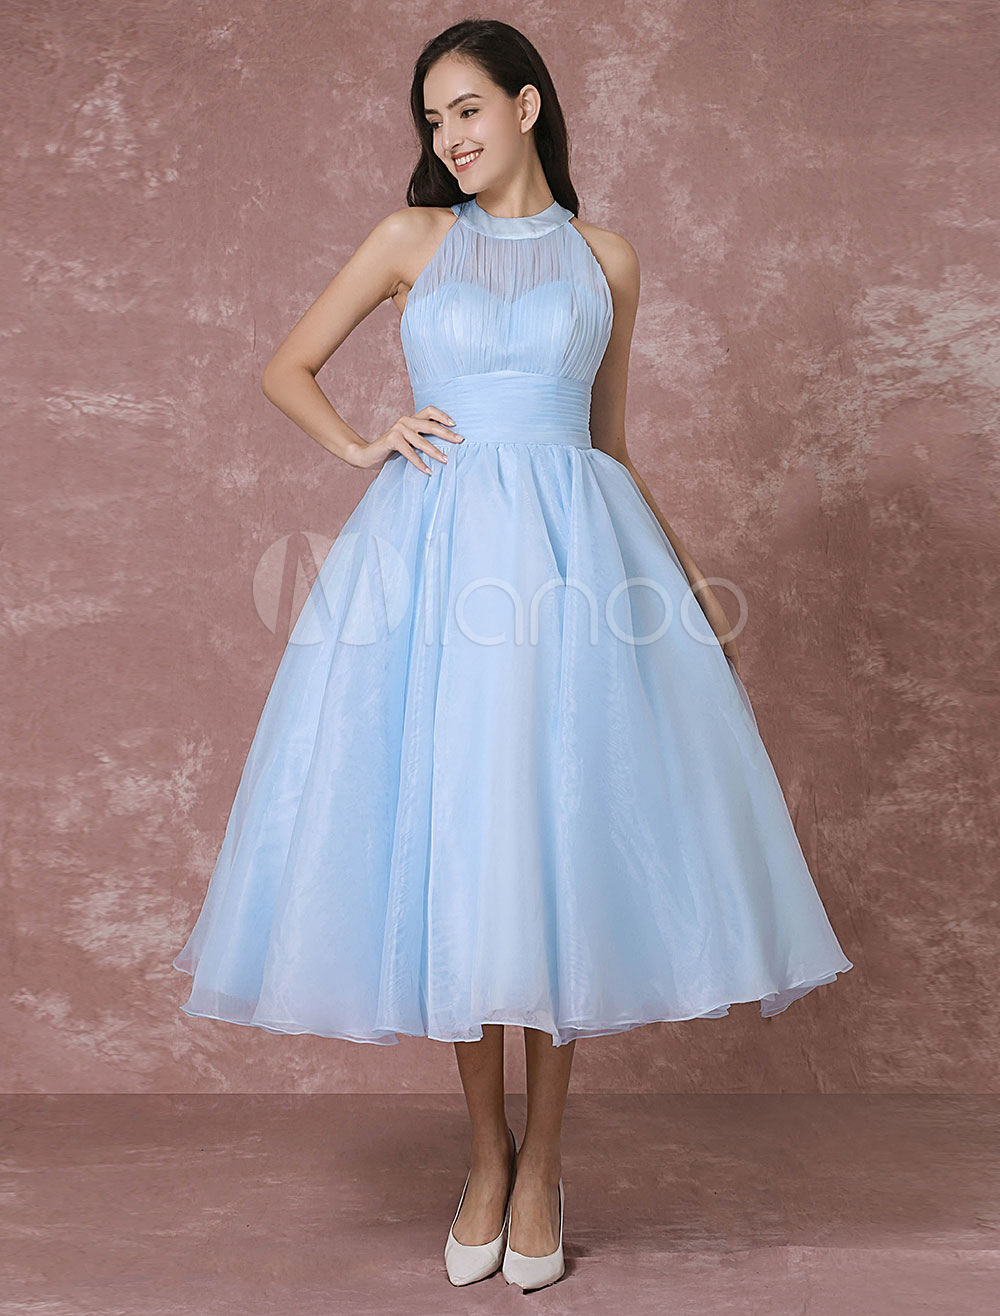 Blue Wedding Dress Short Tulle Vintage